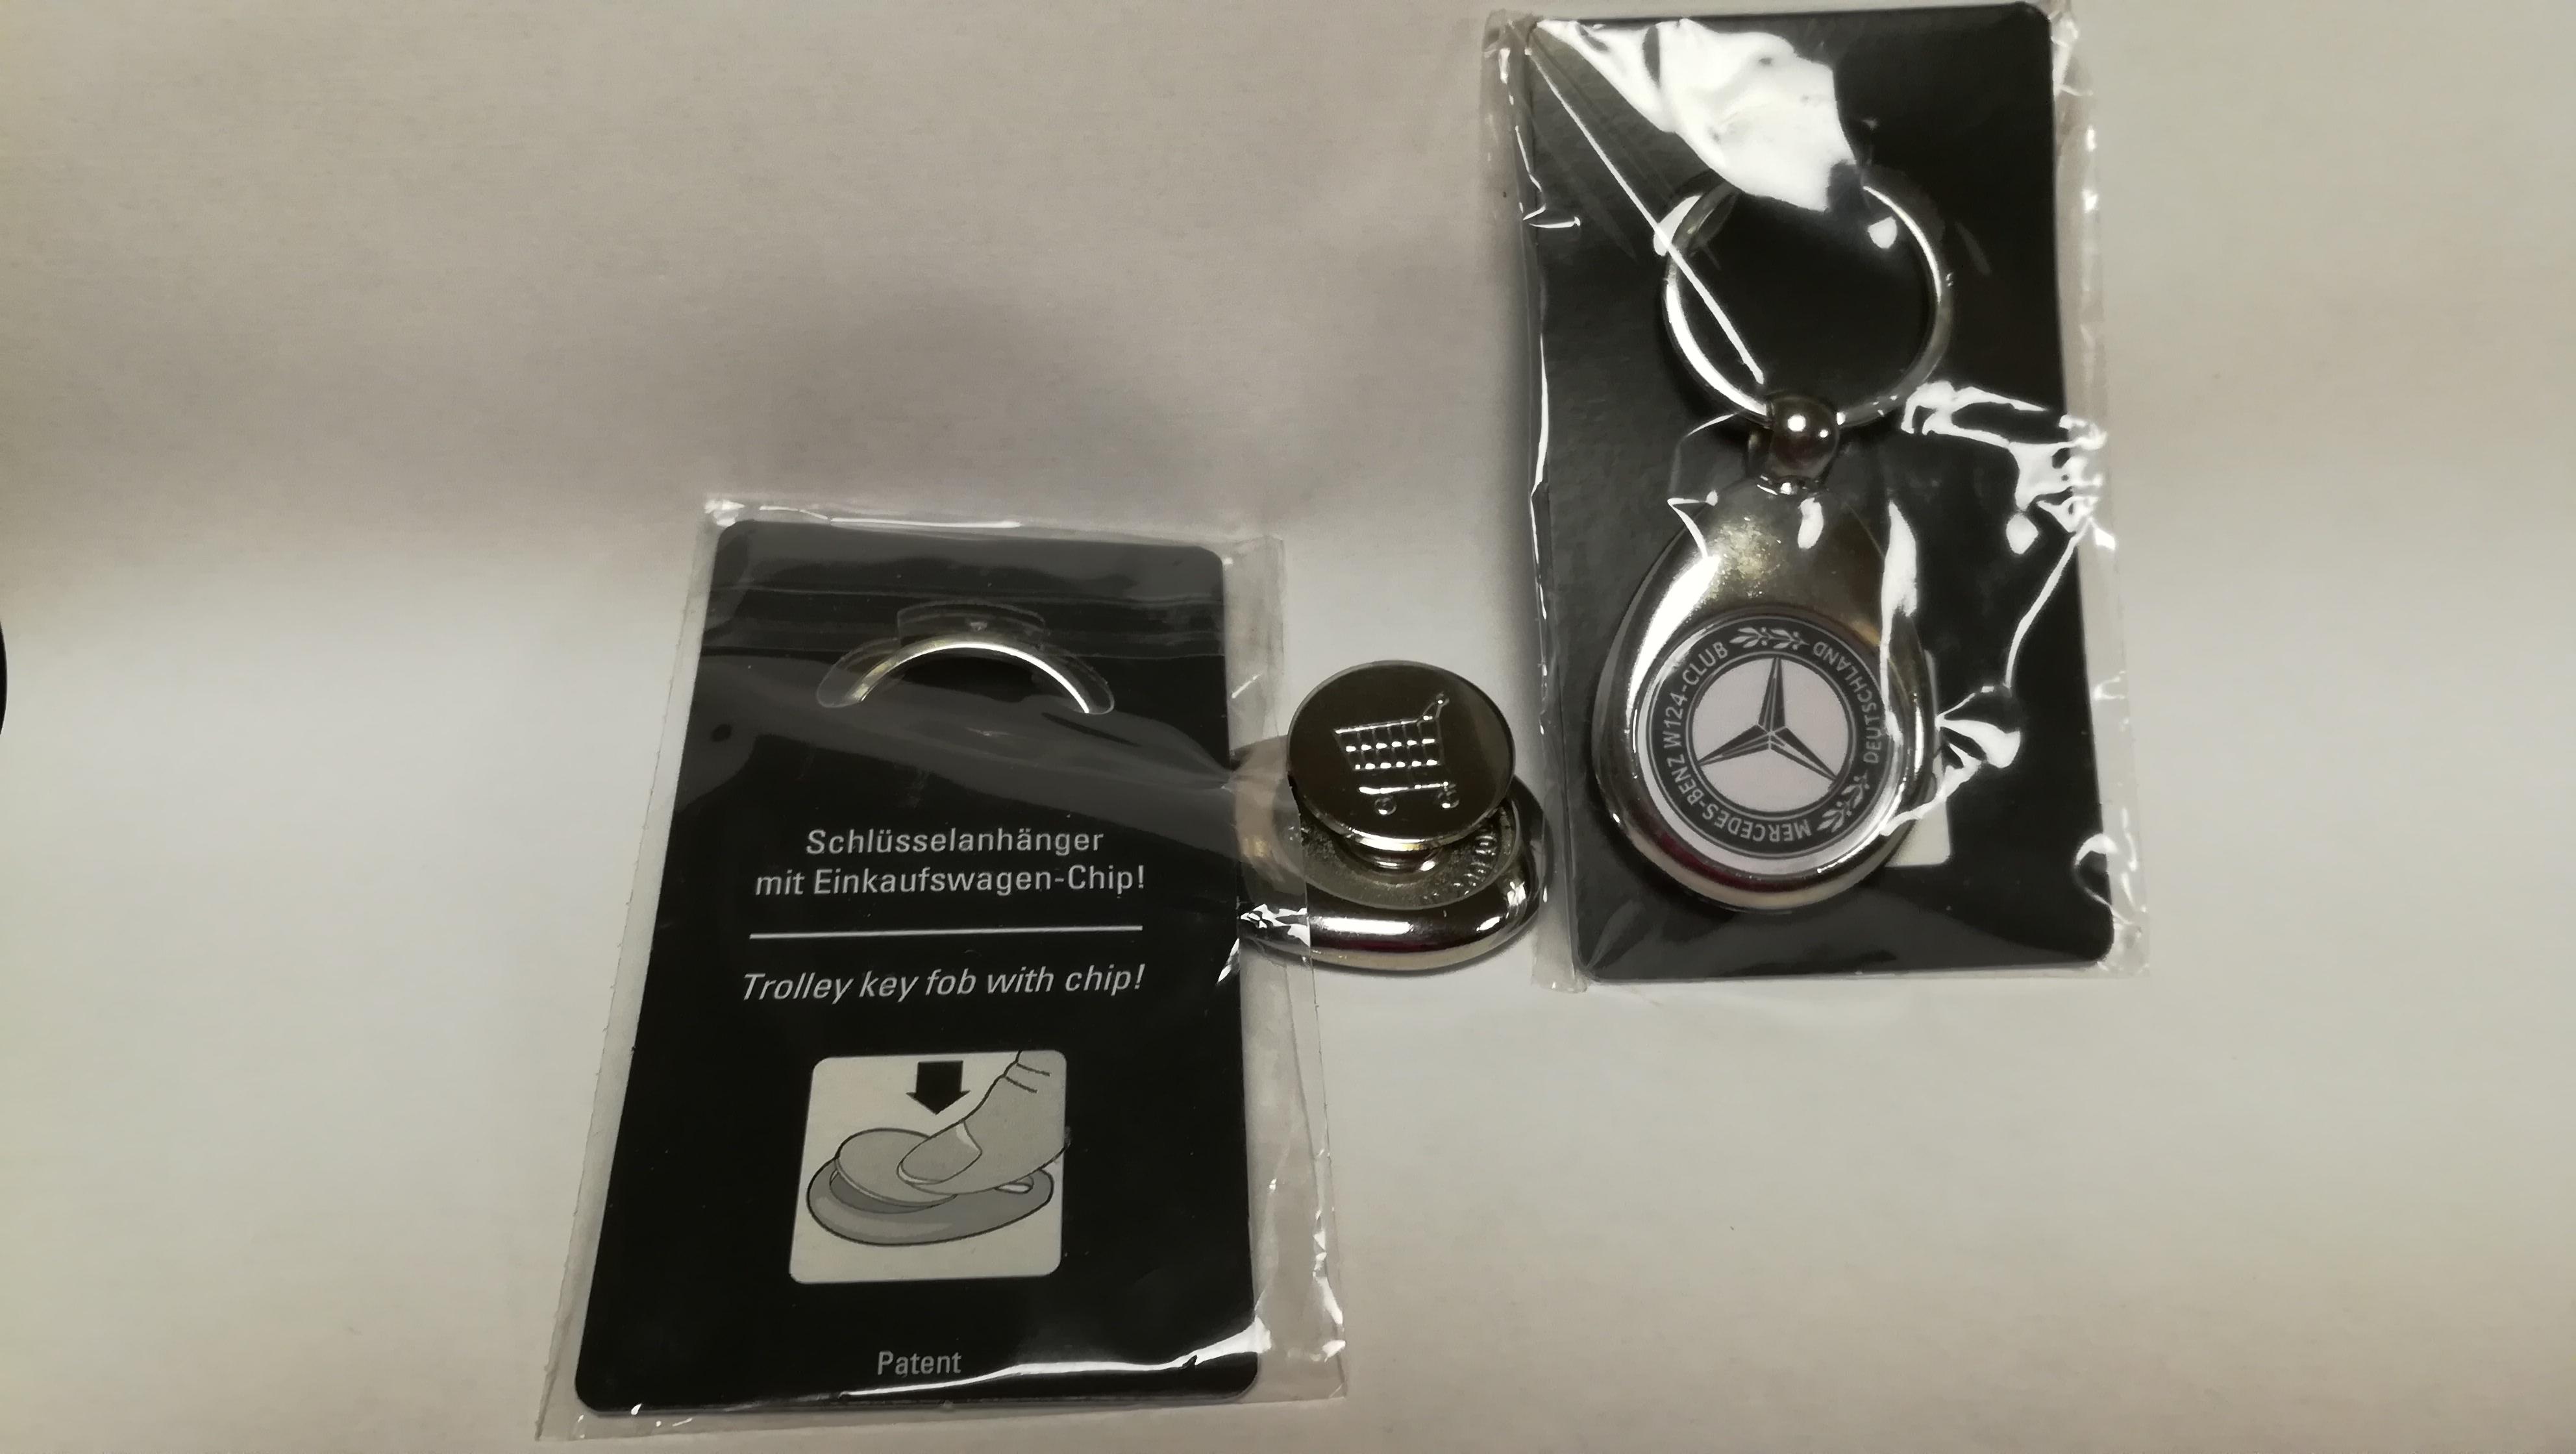 Schlüsselanhänger mit Einkaufswagen-Chip!